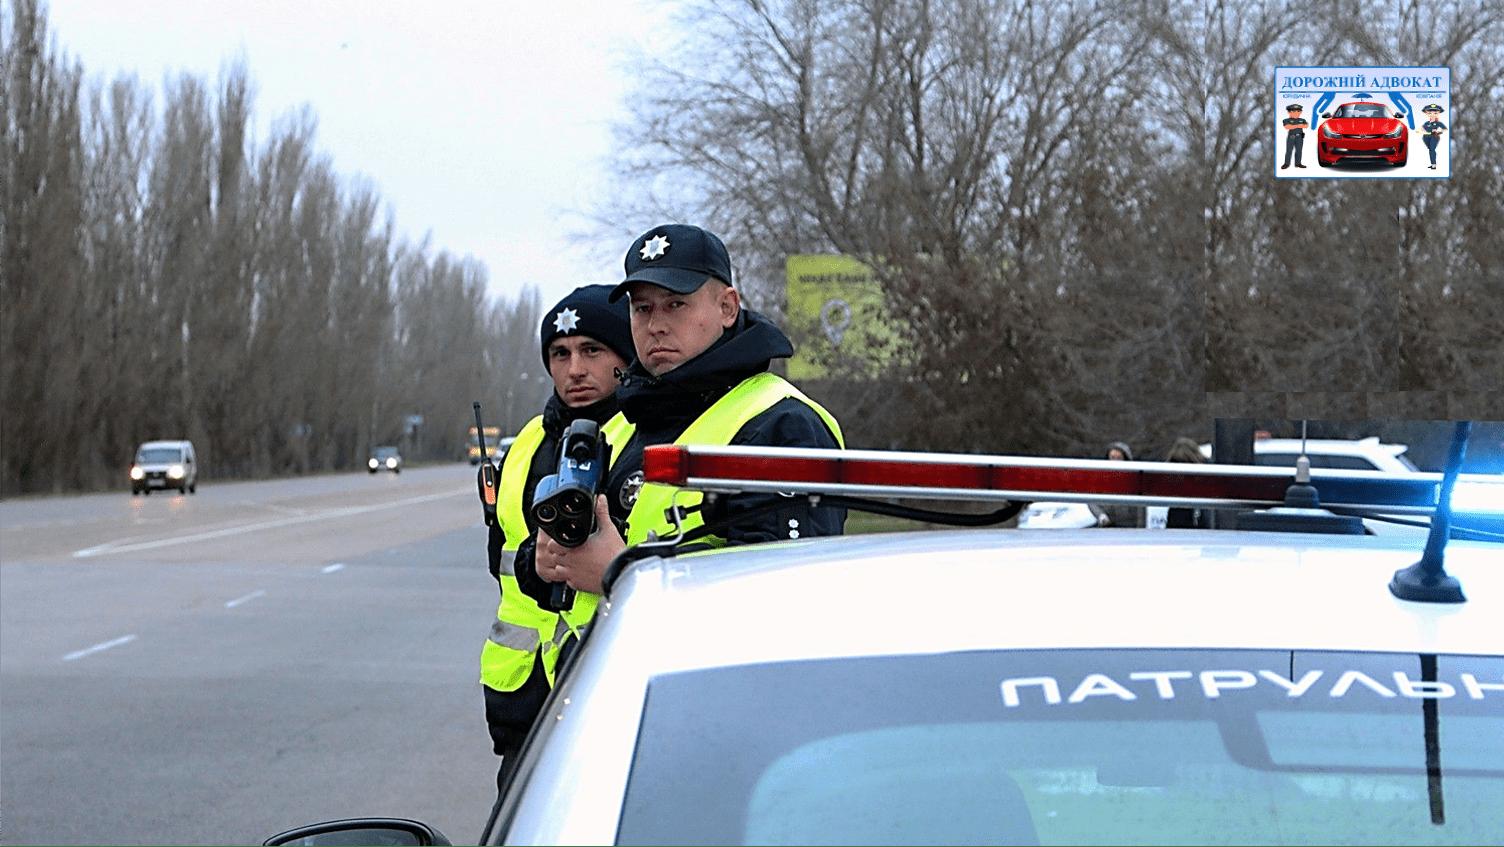 Без доказательств полицейский не имеет права требовать документы